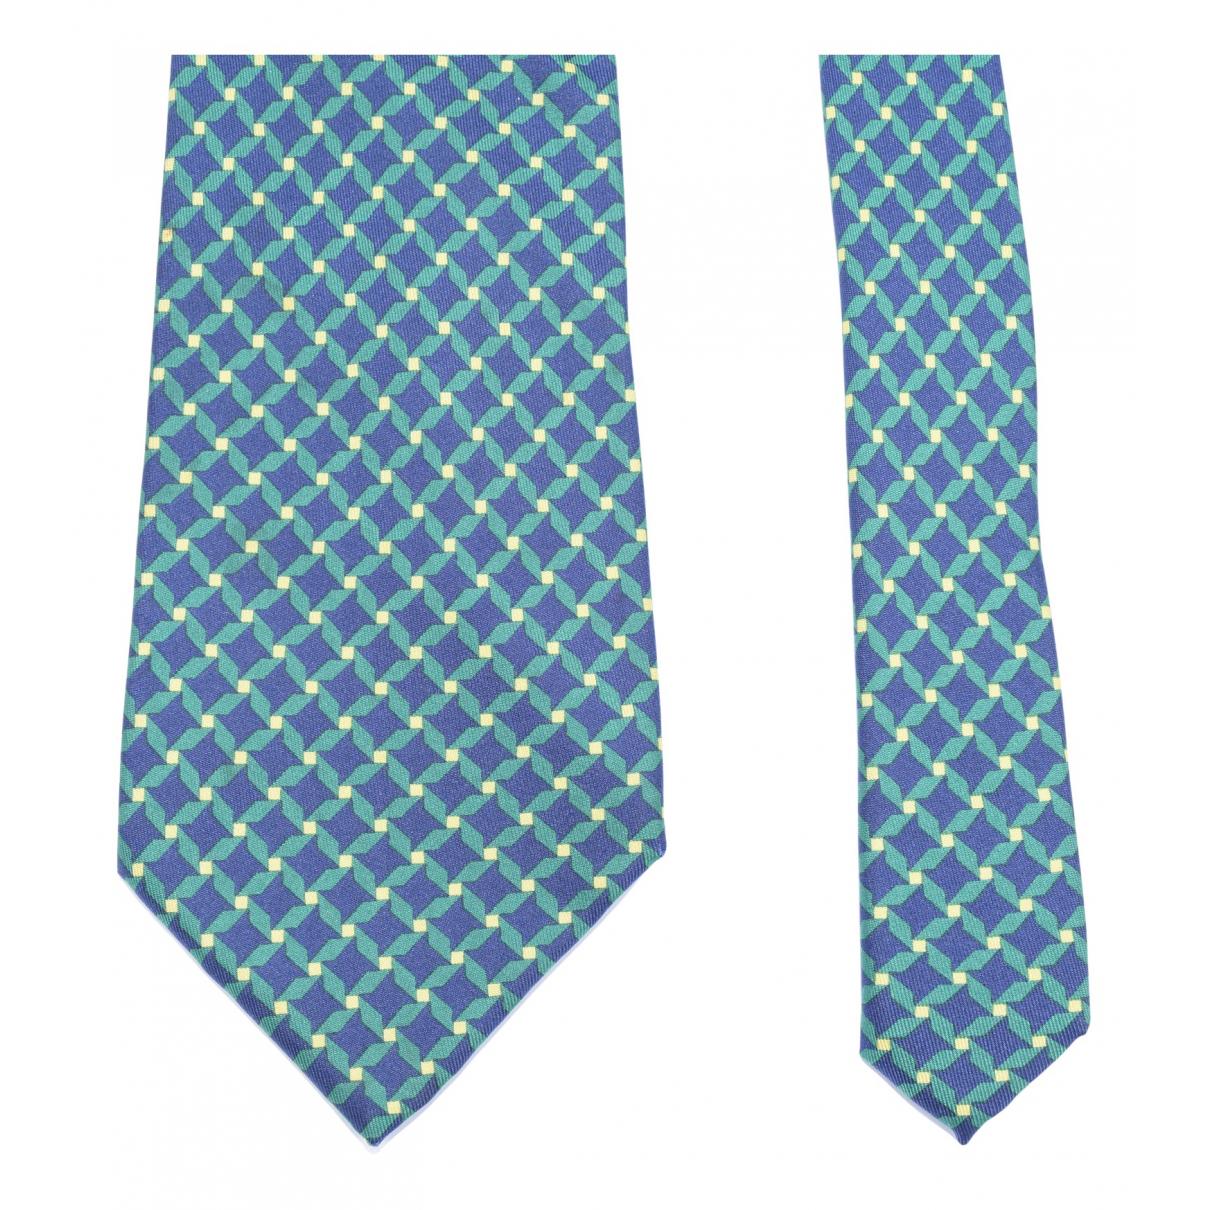 Emilio Pucci - Cravates   pour homme en soie - multicolore